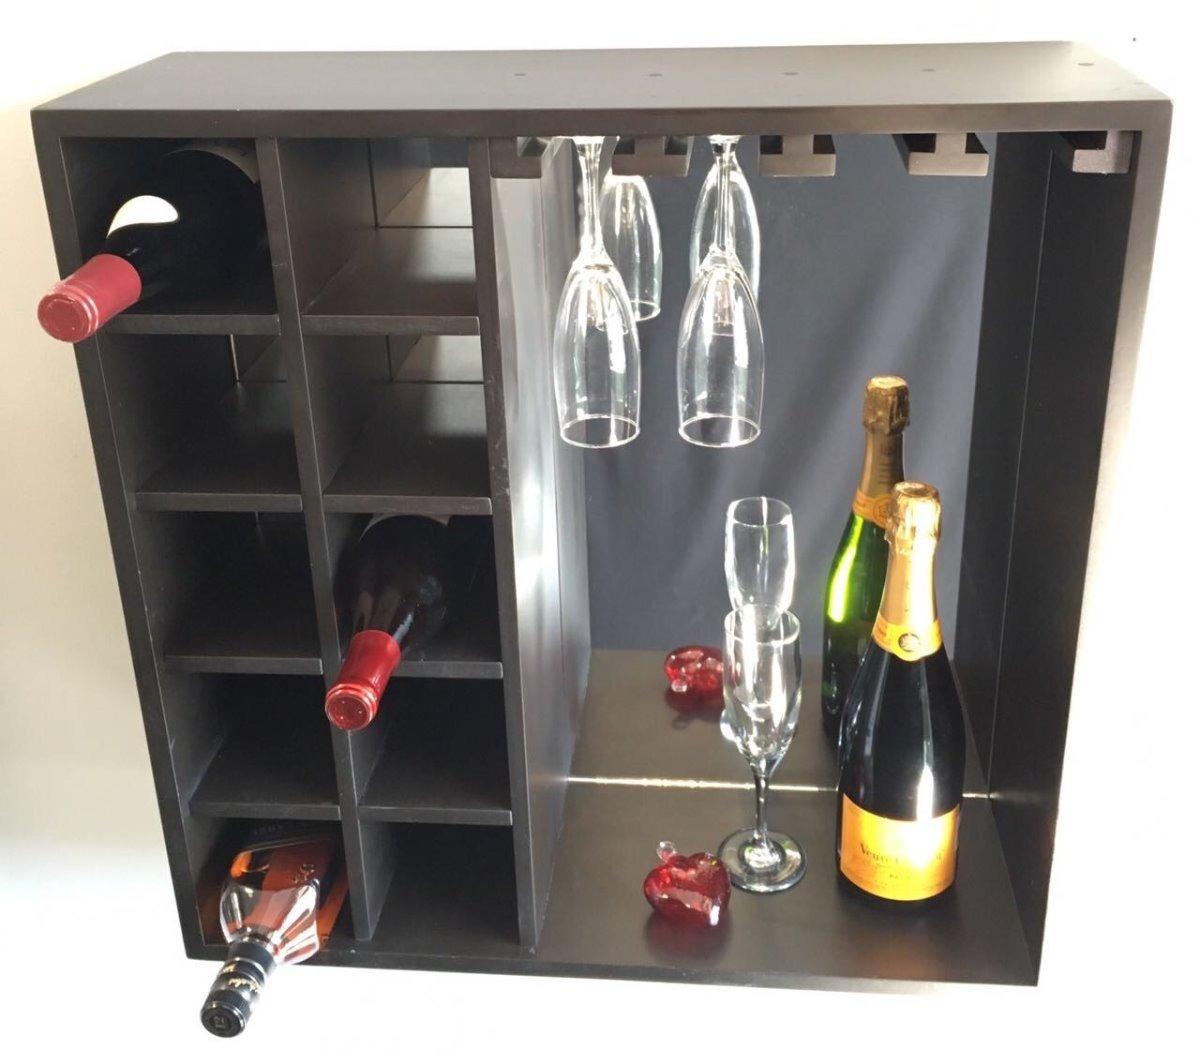 Cava cantina mueble bar contemporaneo de pared vinos for Mueble vinos